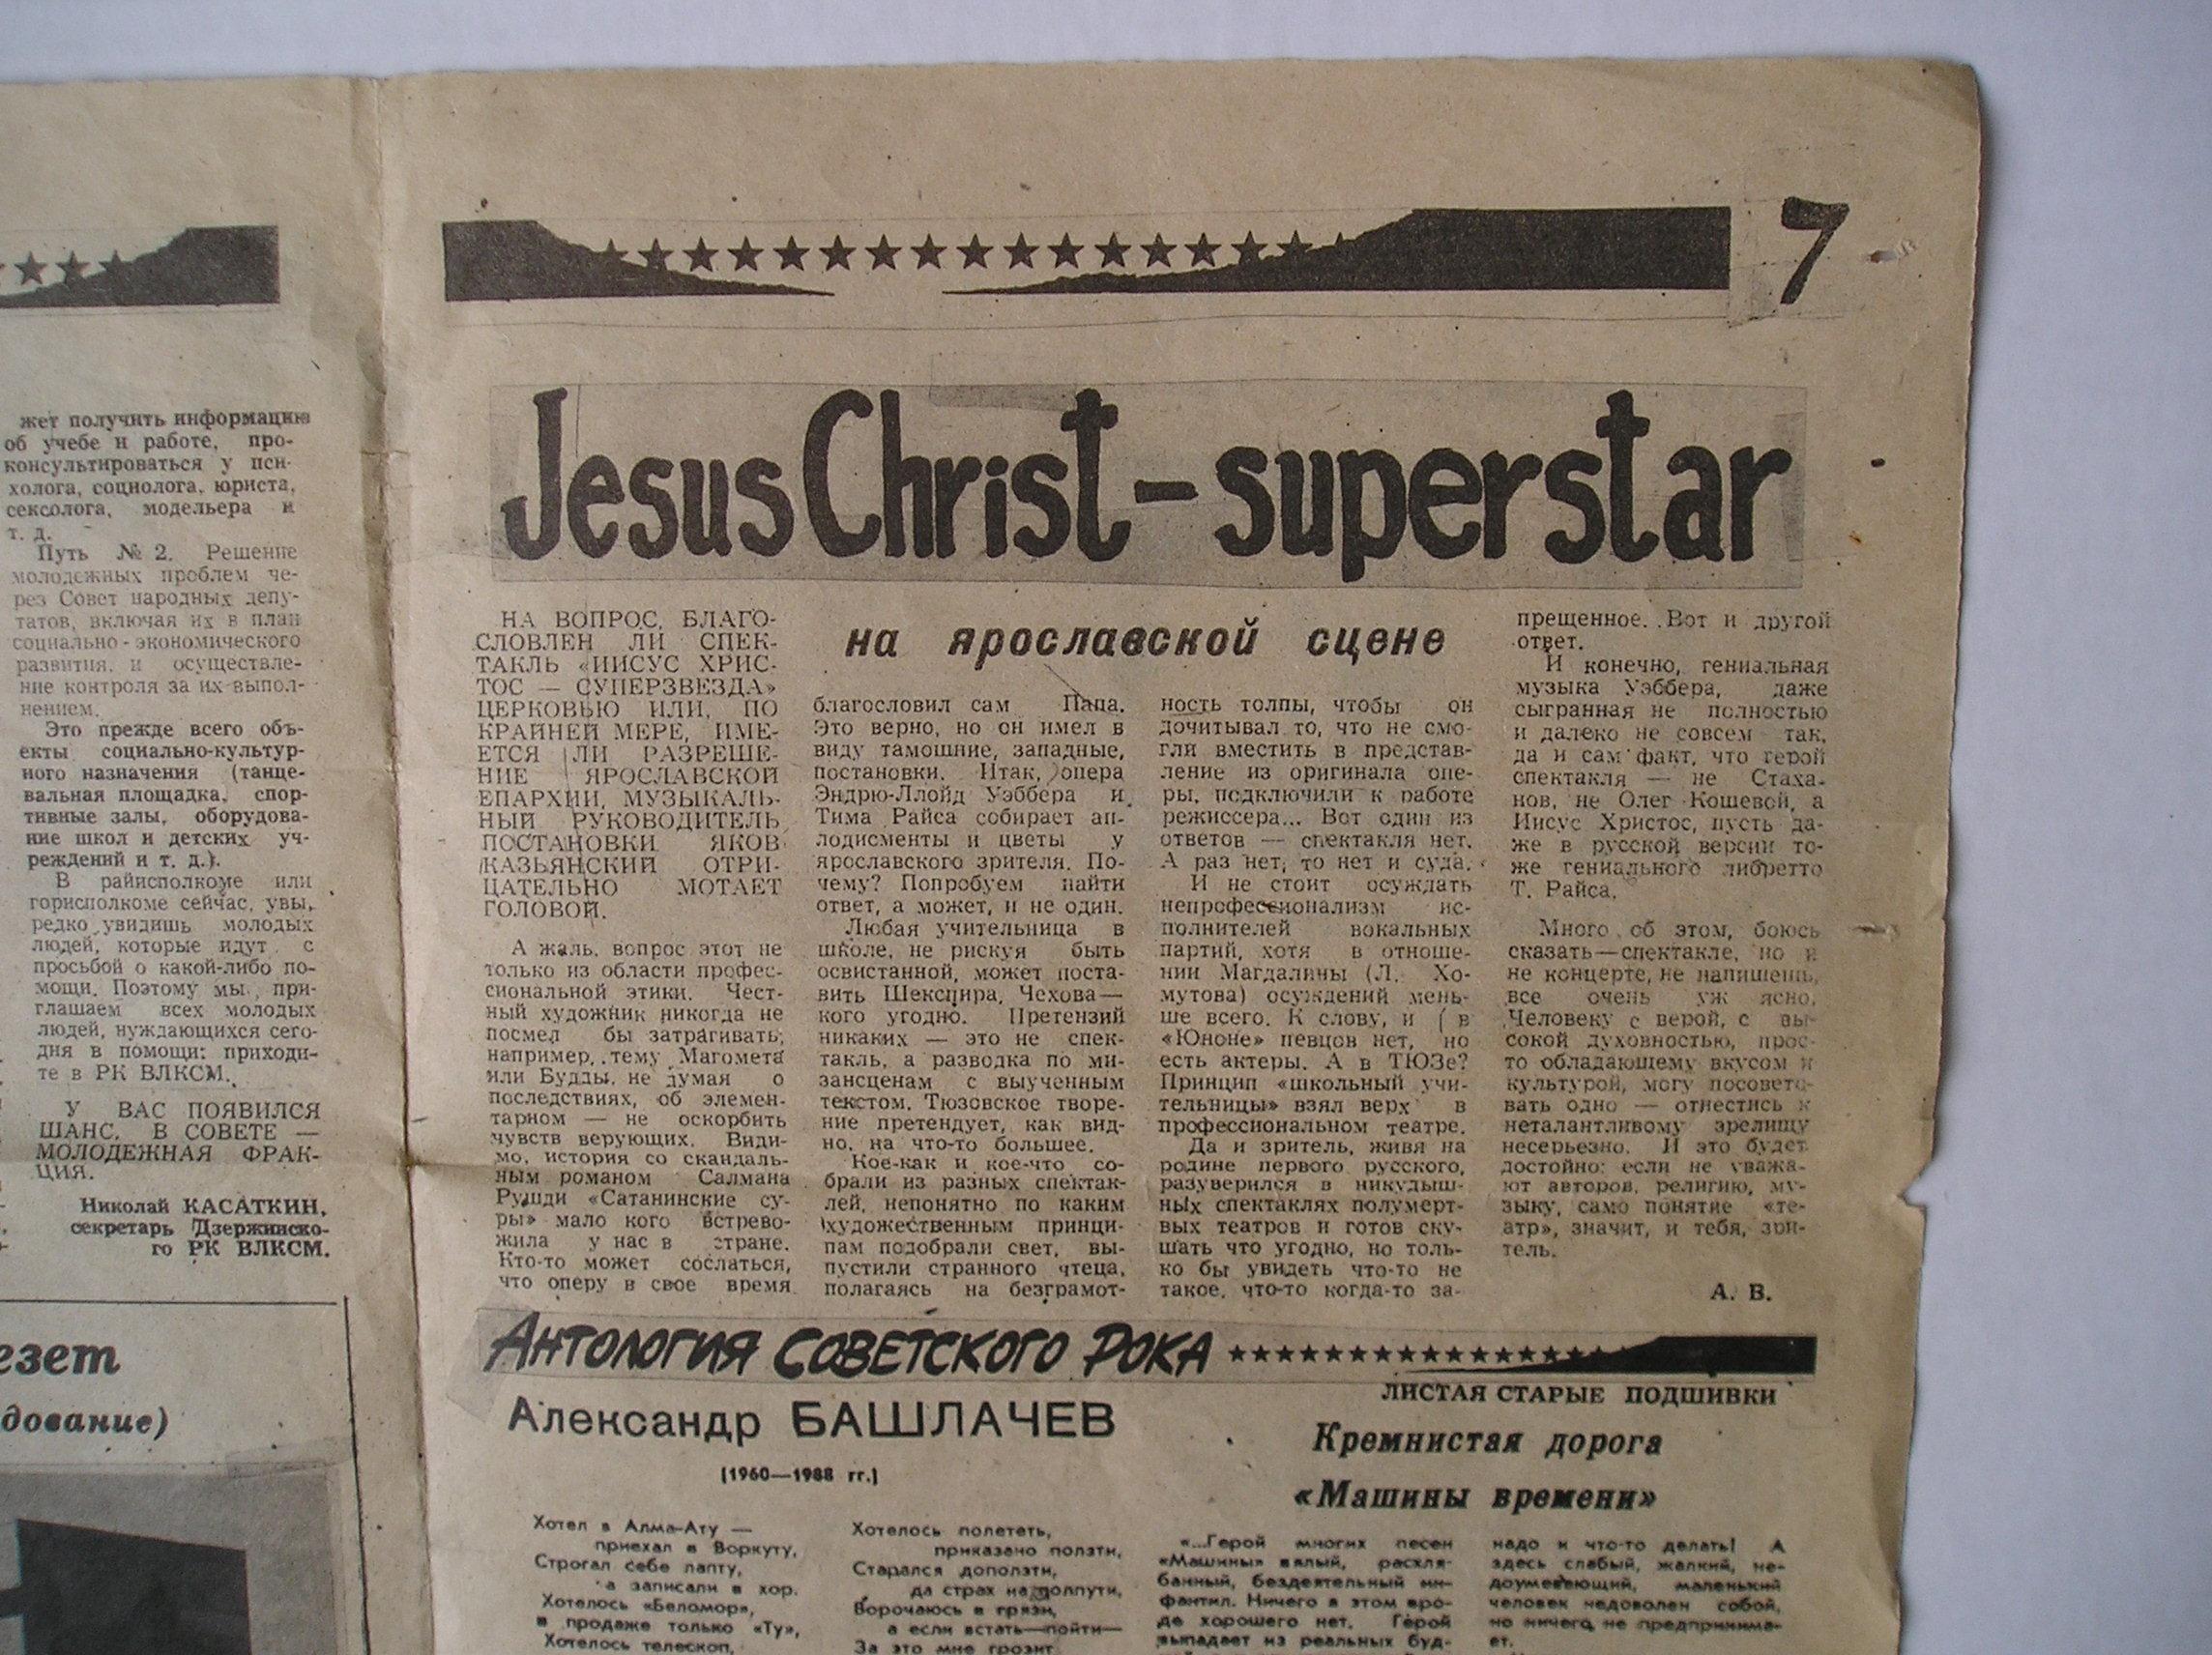 Газета с рецензией на ИХС